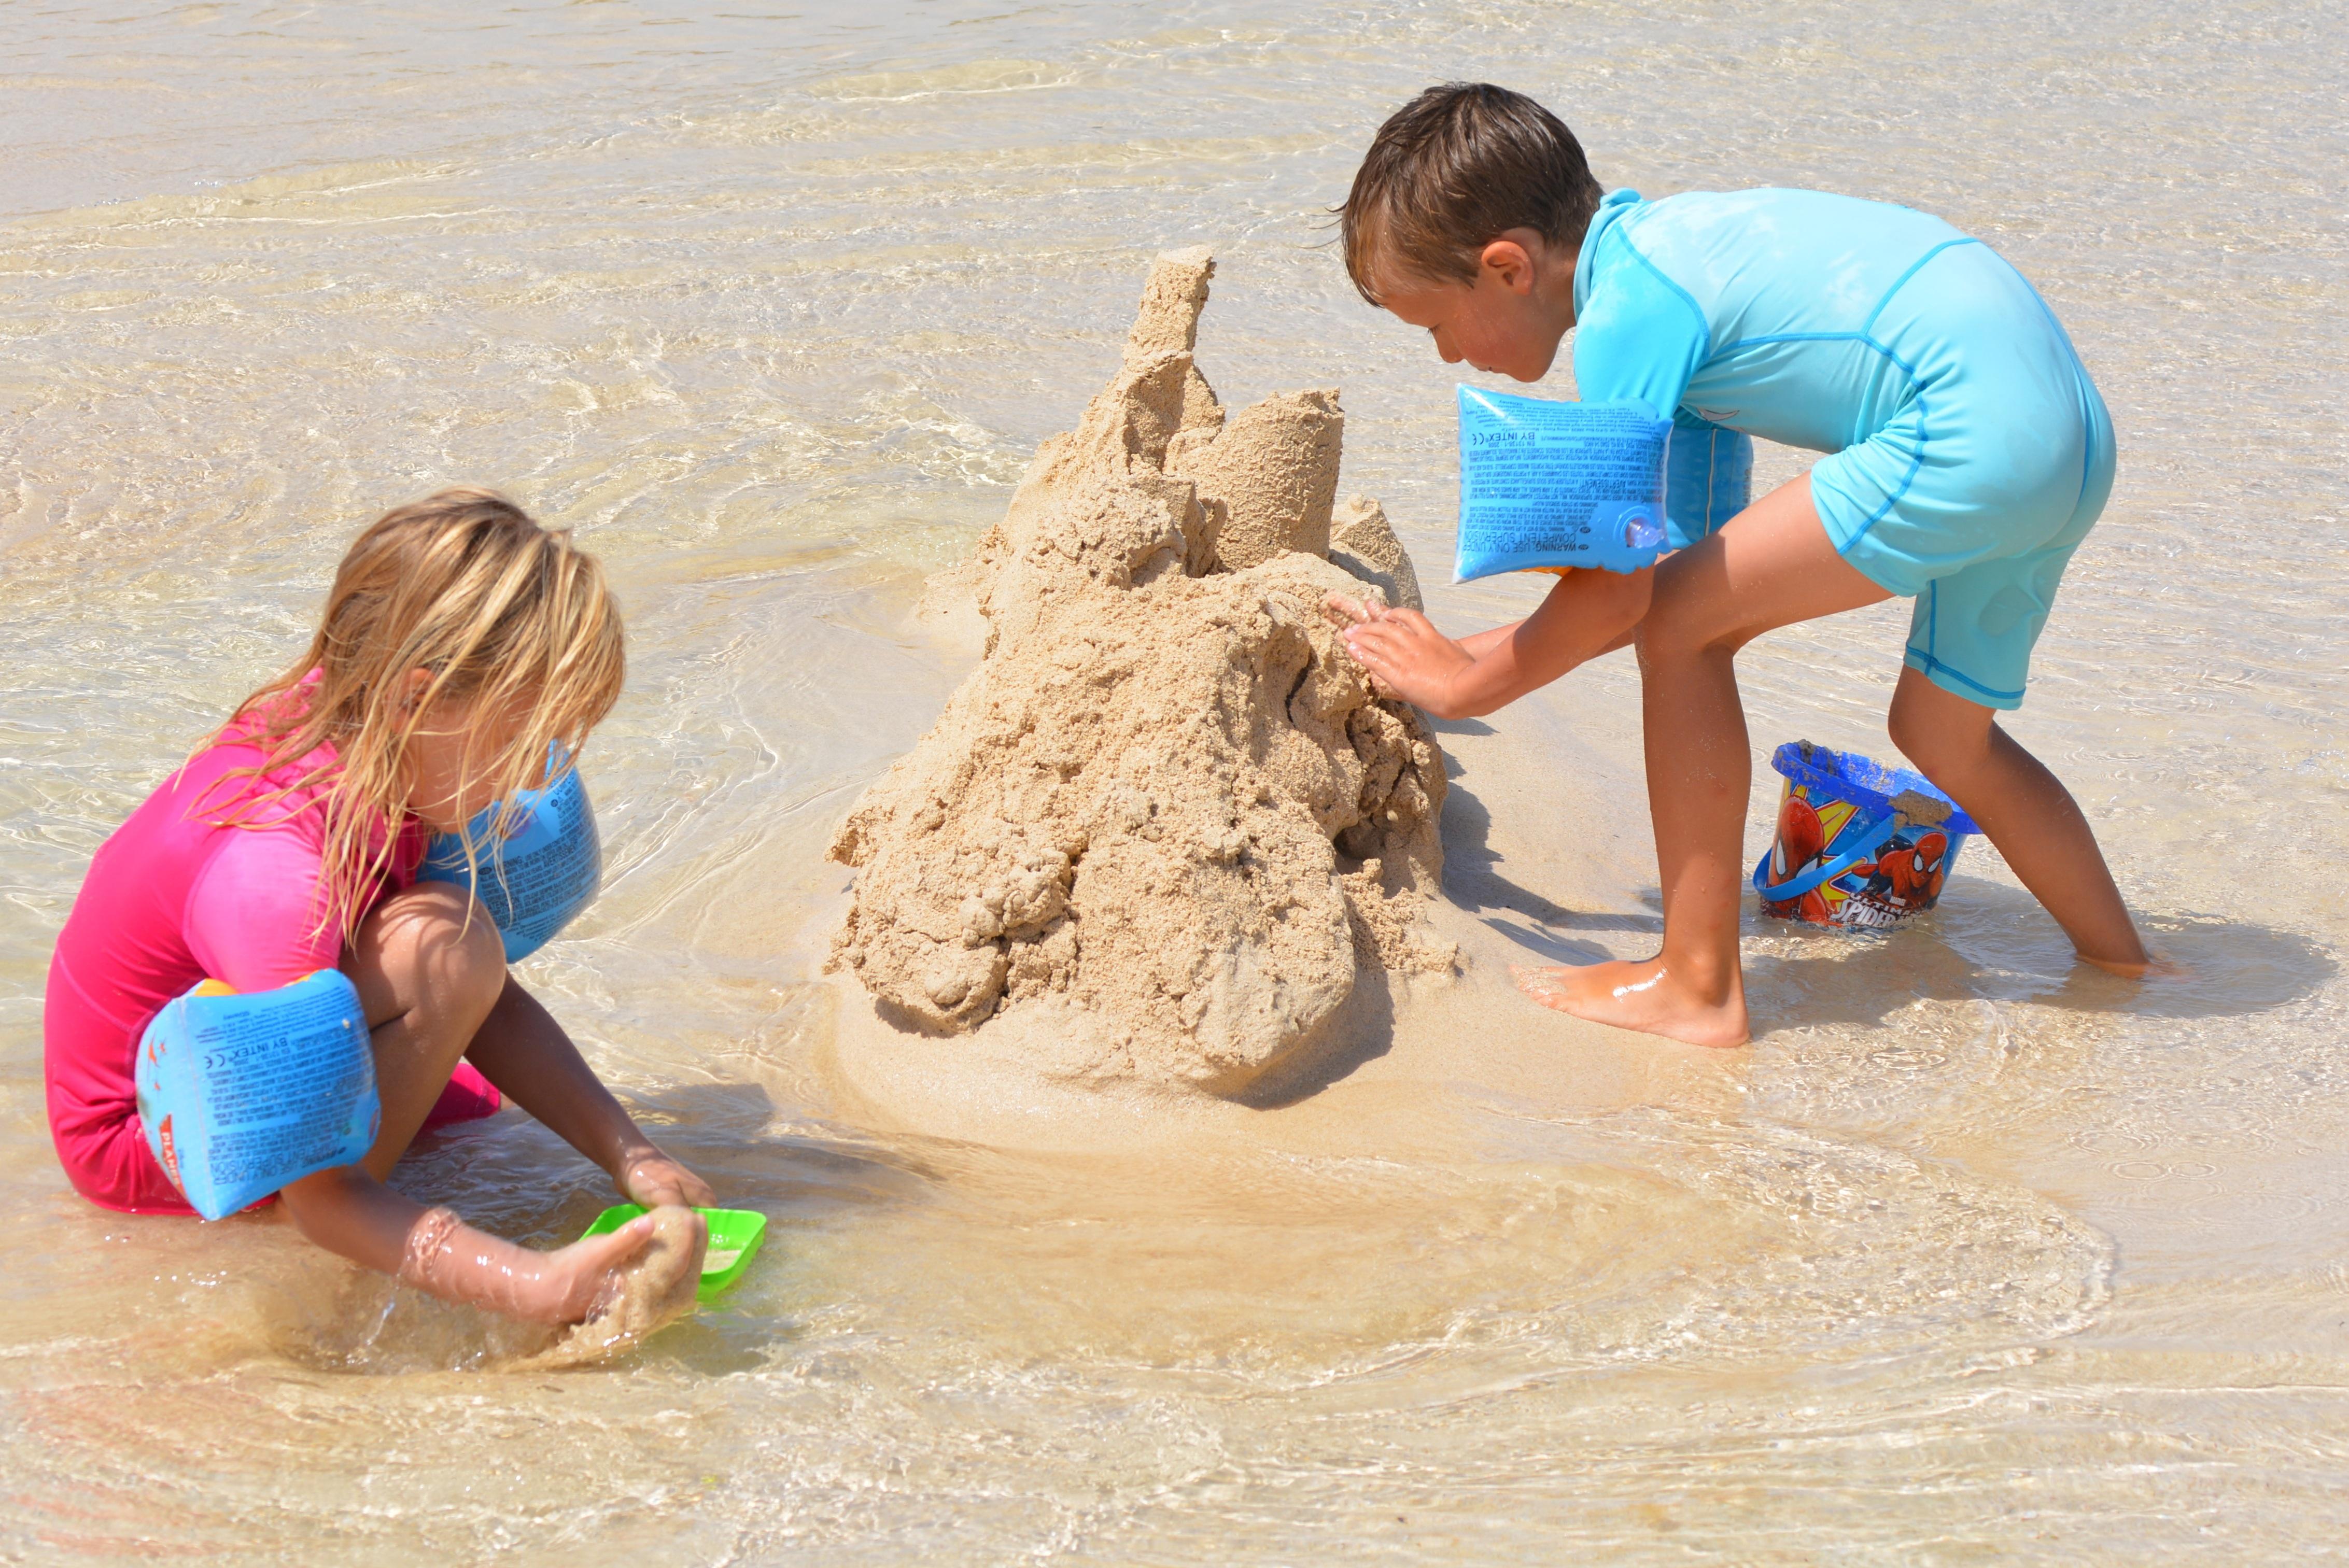 Gambar Pantai Orang Orang Gadis Bermain Anak Laki Laki